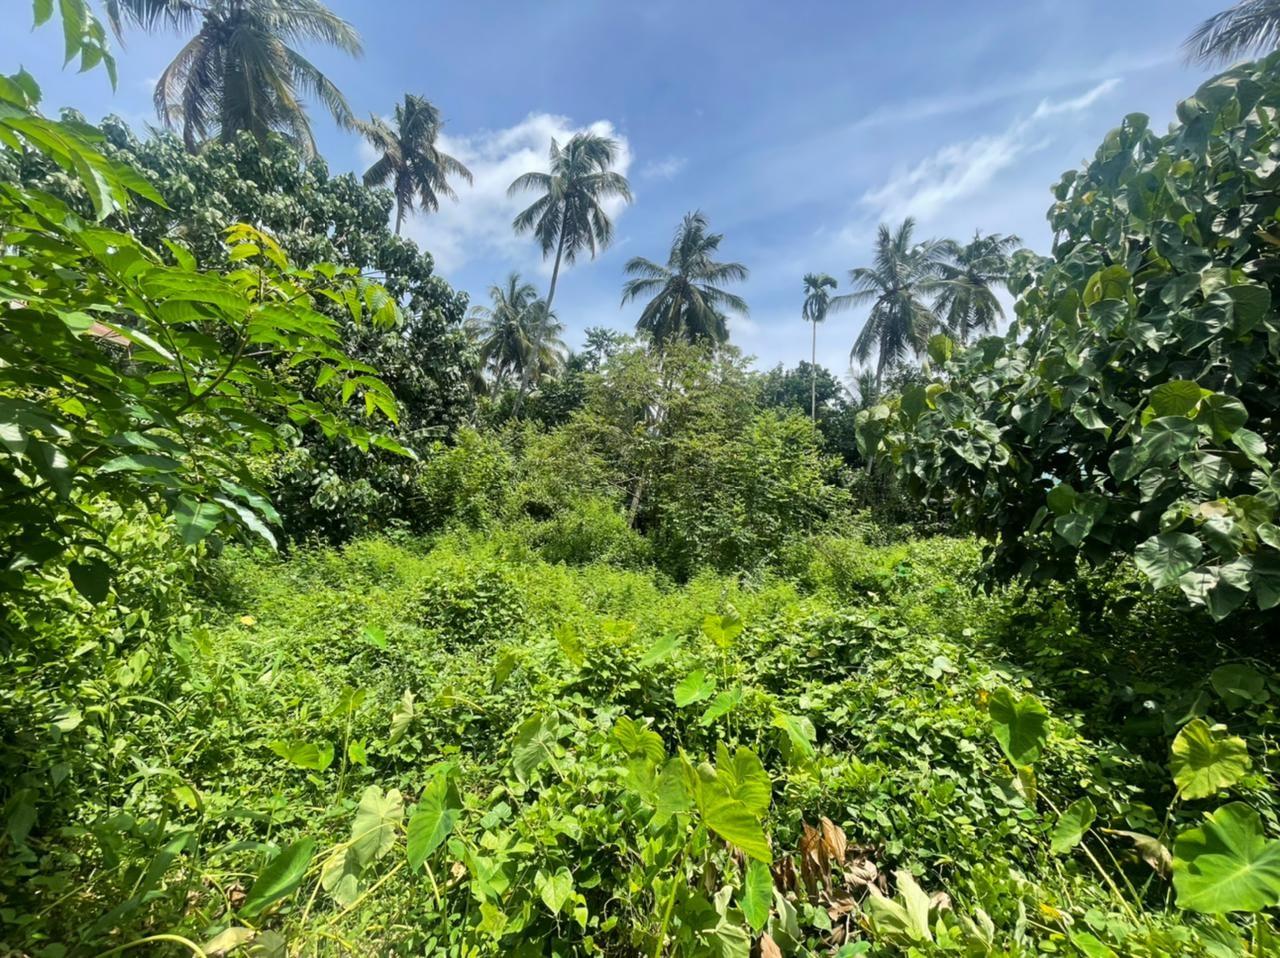 14.5 cent residential land for sale in Kariattukara